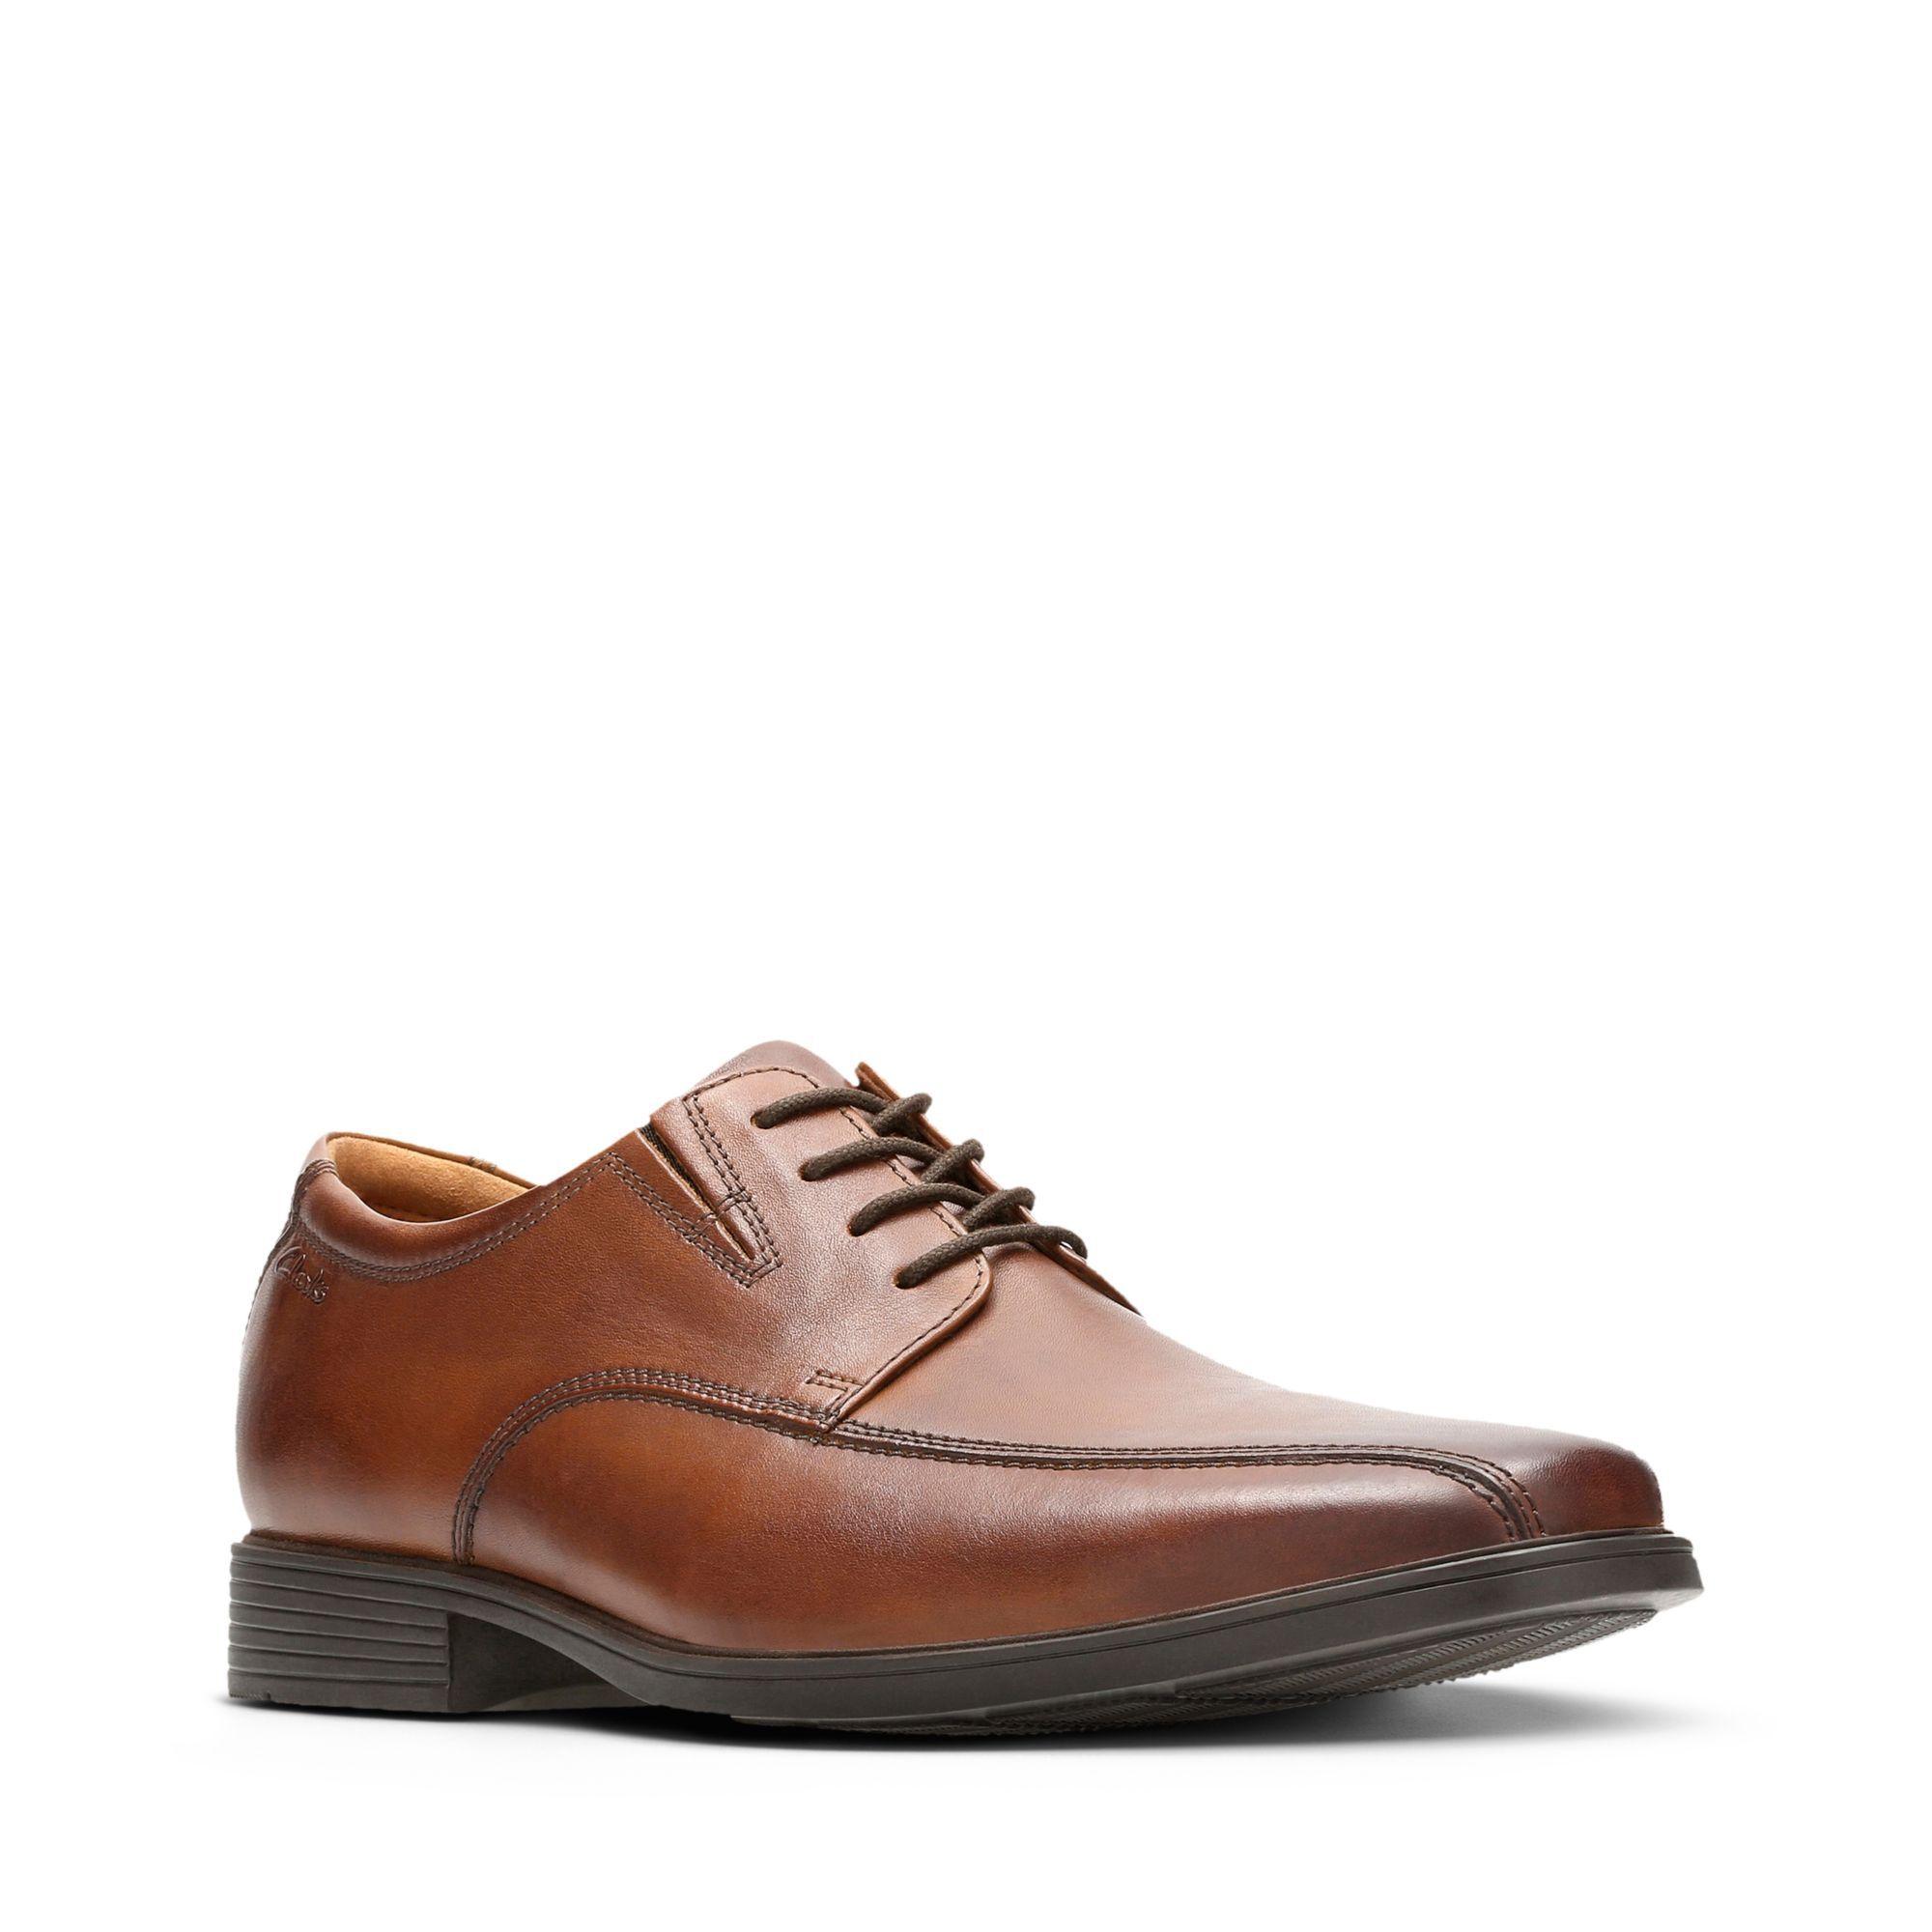 Leather Brogues - Tilden Walk | Clarks